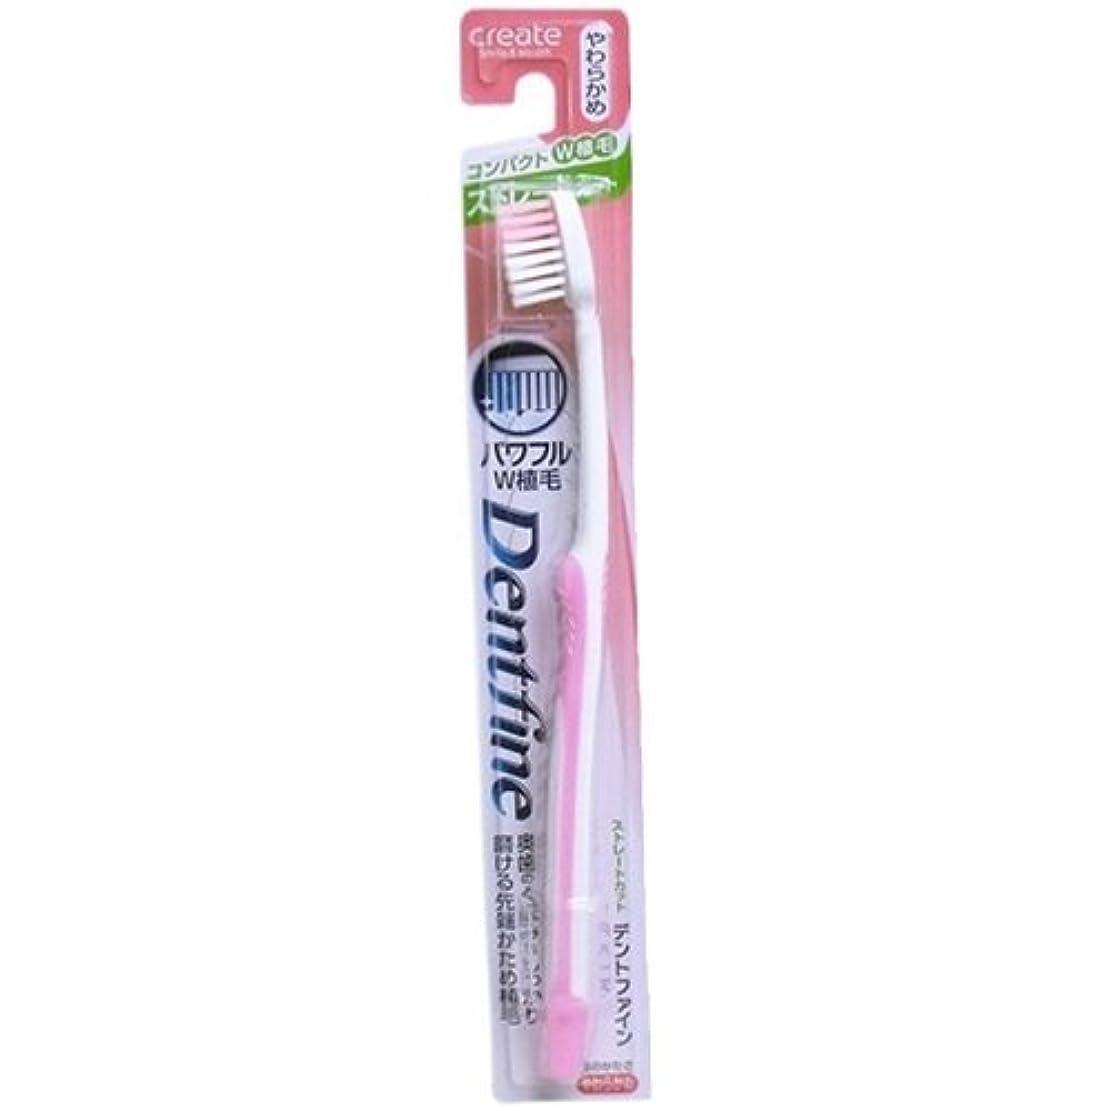 アルファベットレンディションハーブデントファインラバーグリップ ストレートカット歯ブラシ やわらかめ 1本:ピンク